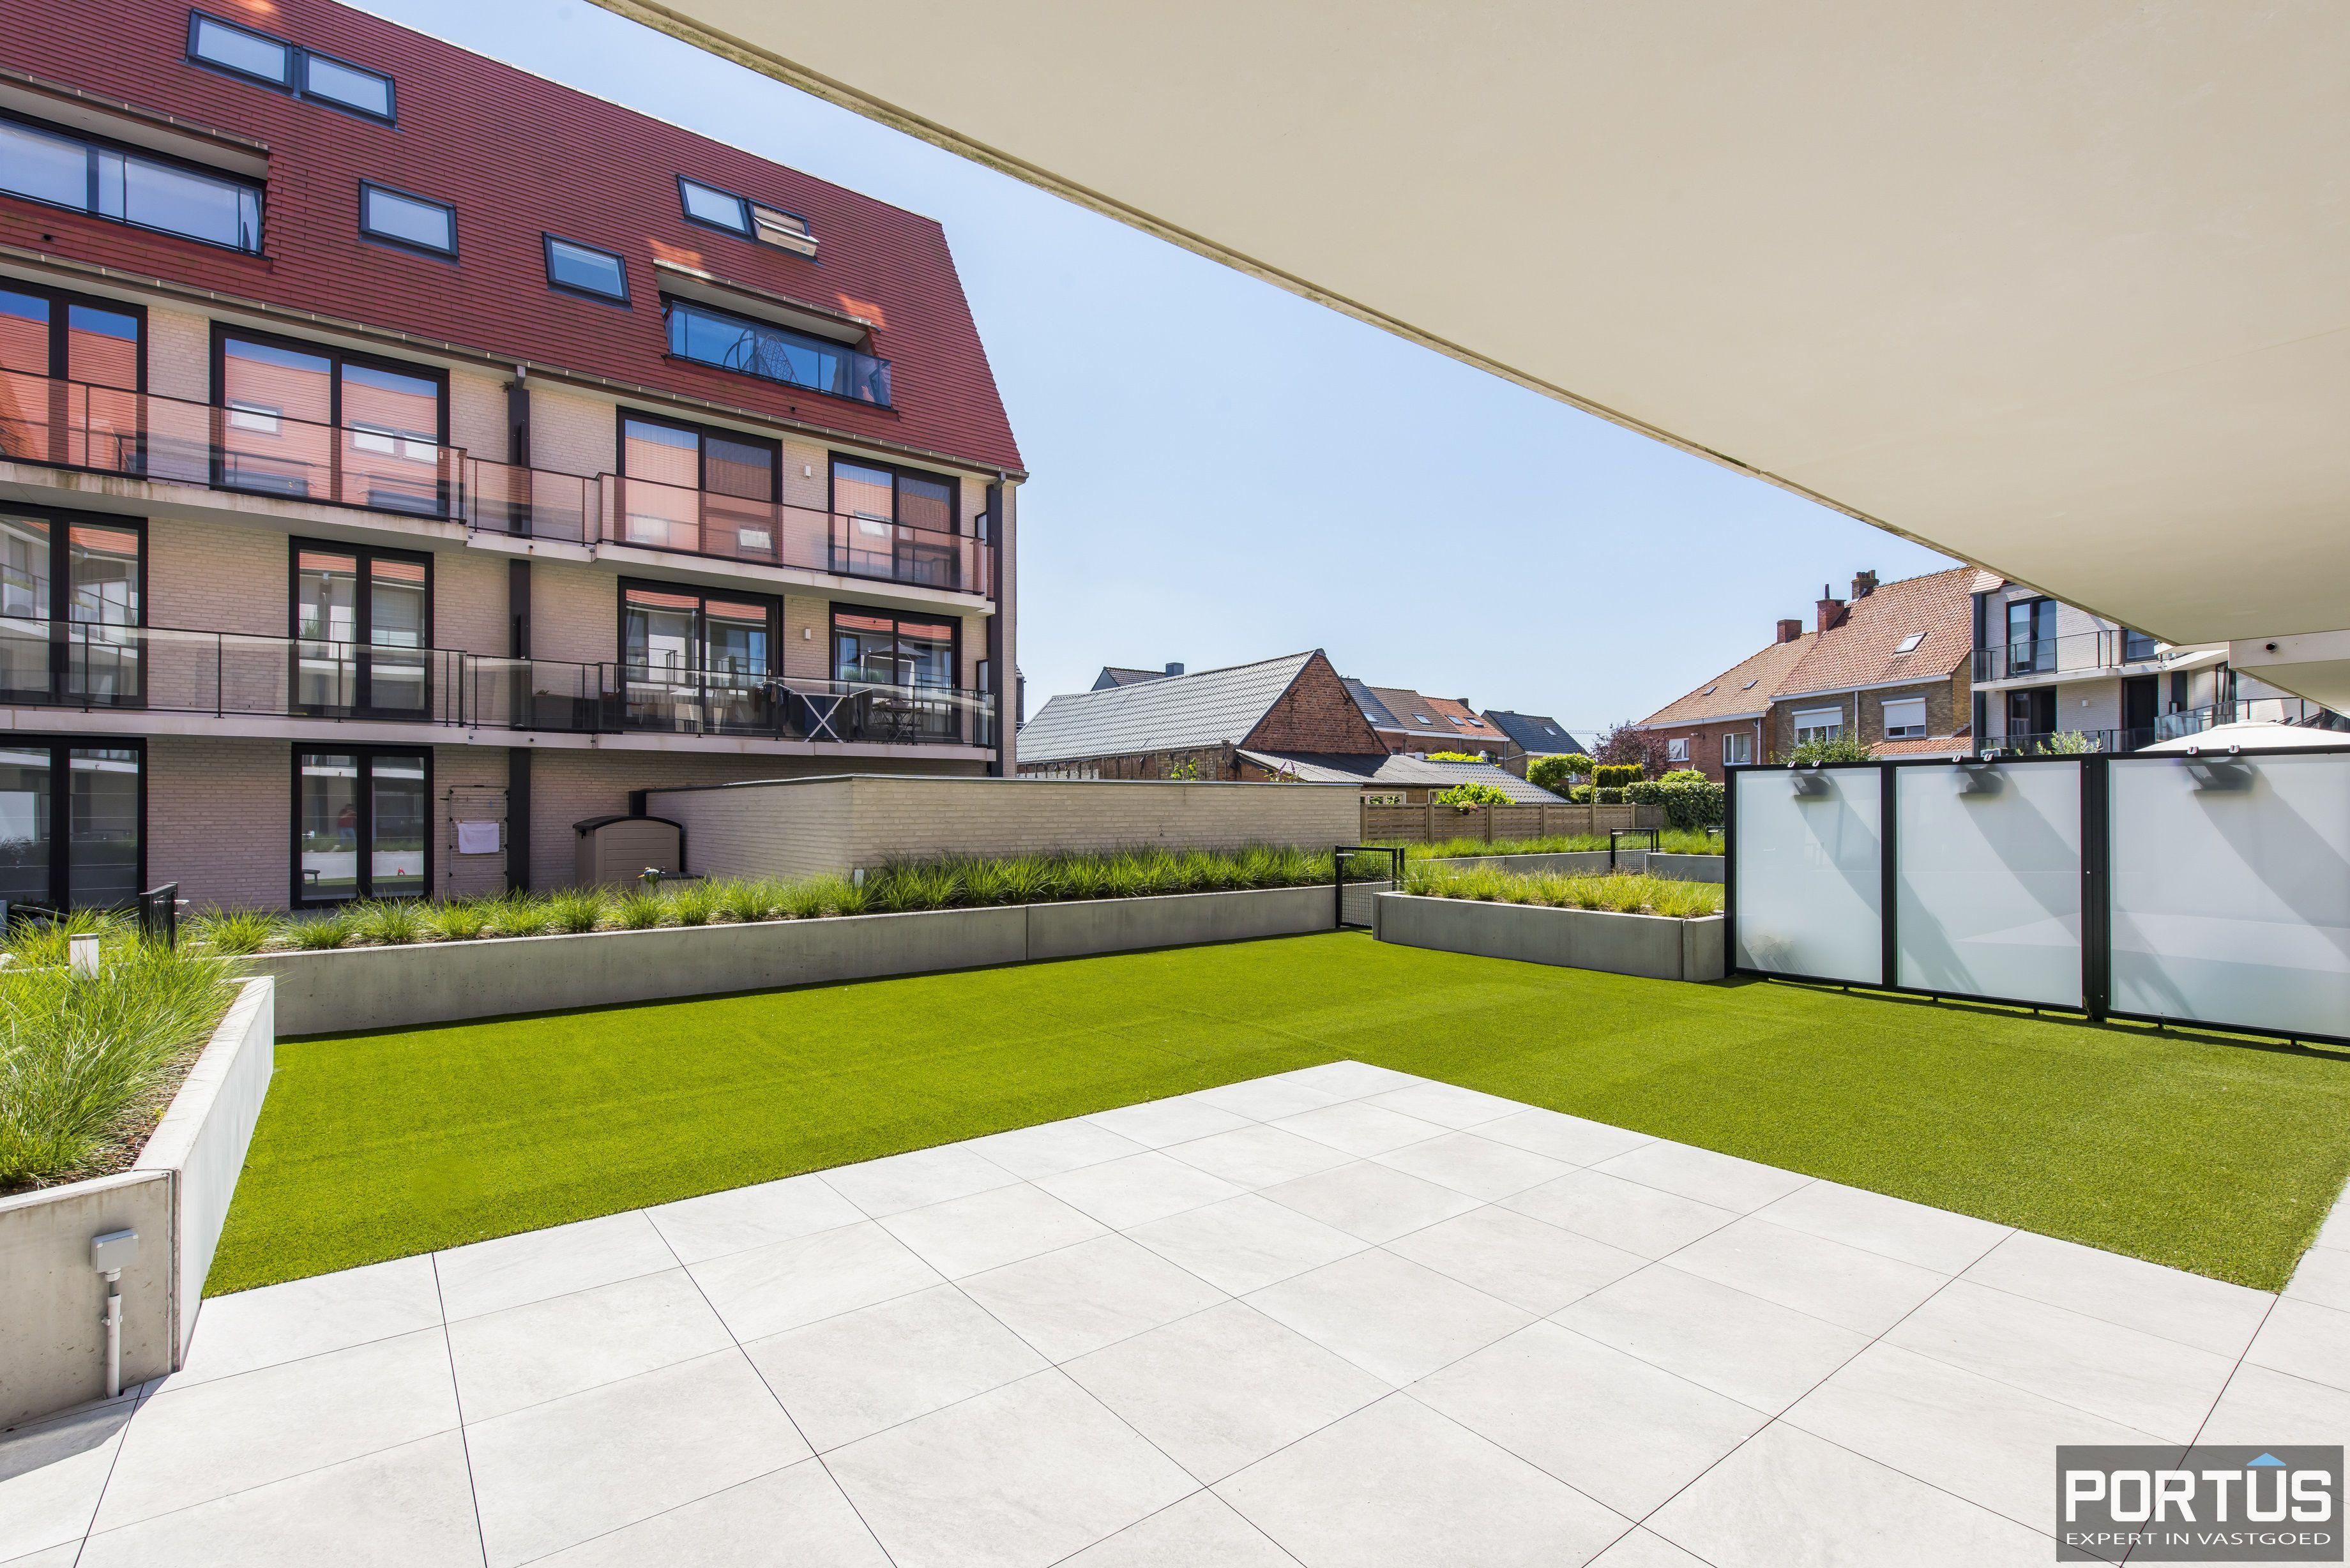 Recent appartement met 2 slaapkamers te koop te Nieuwpoort - 11402